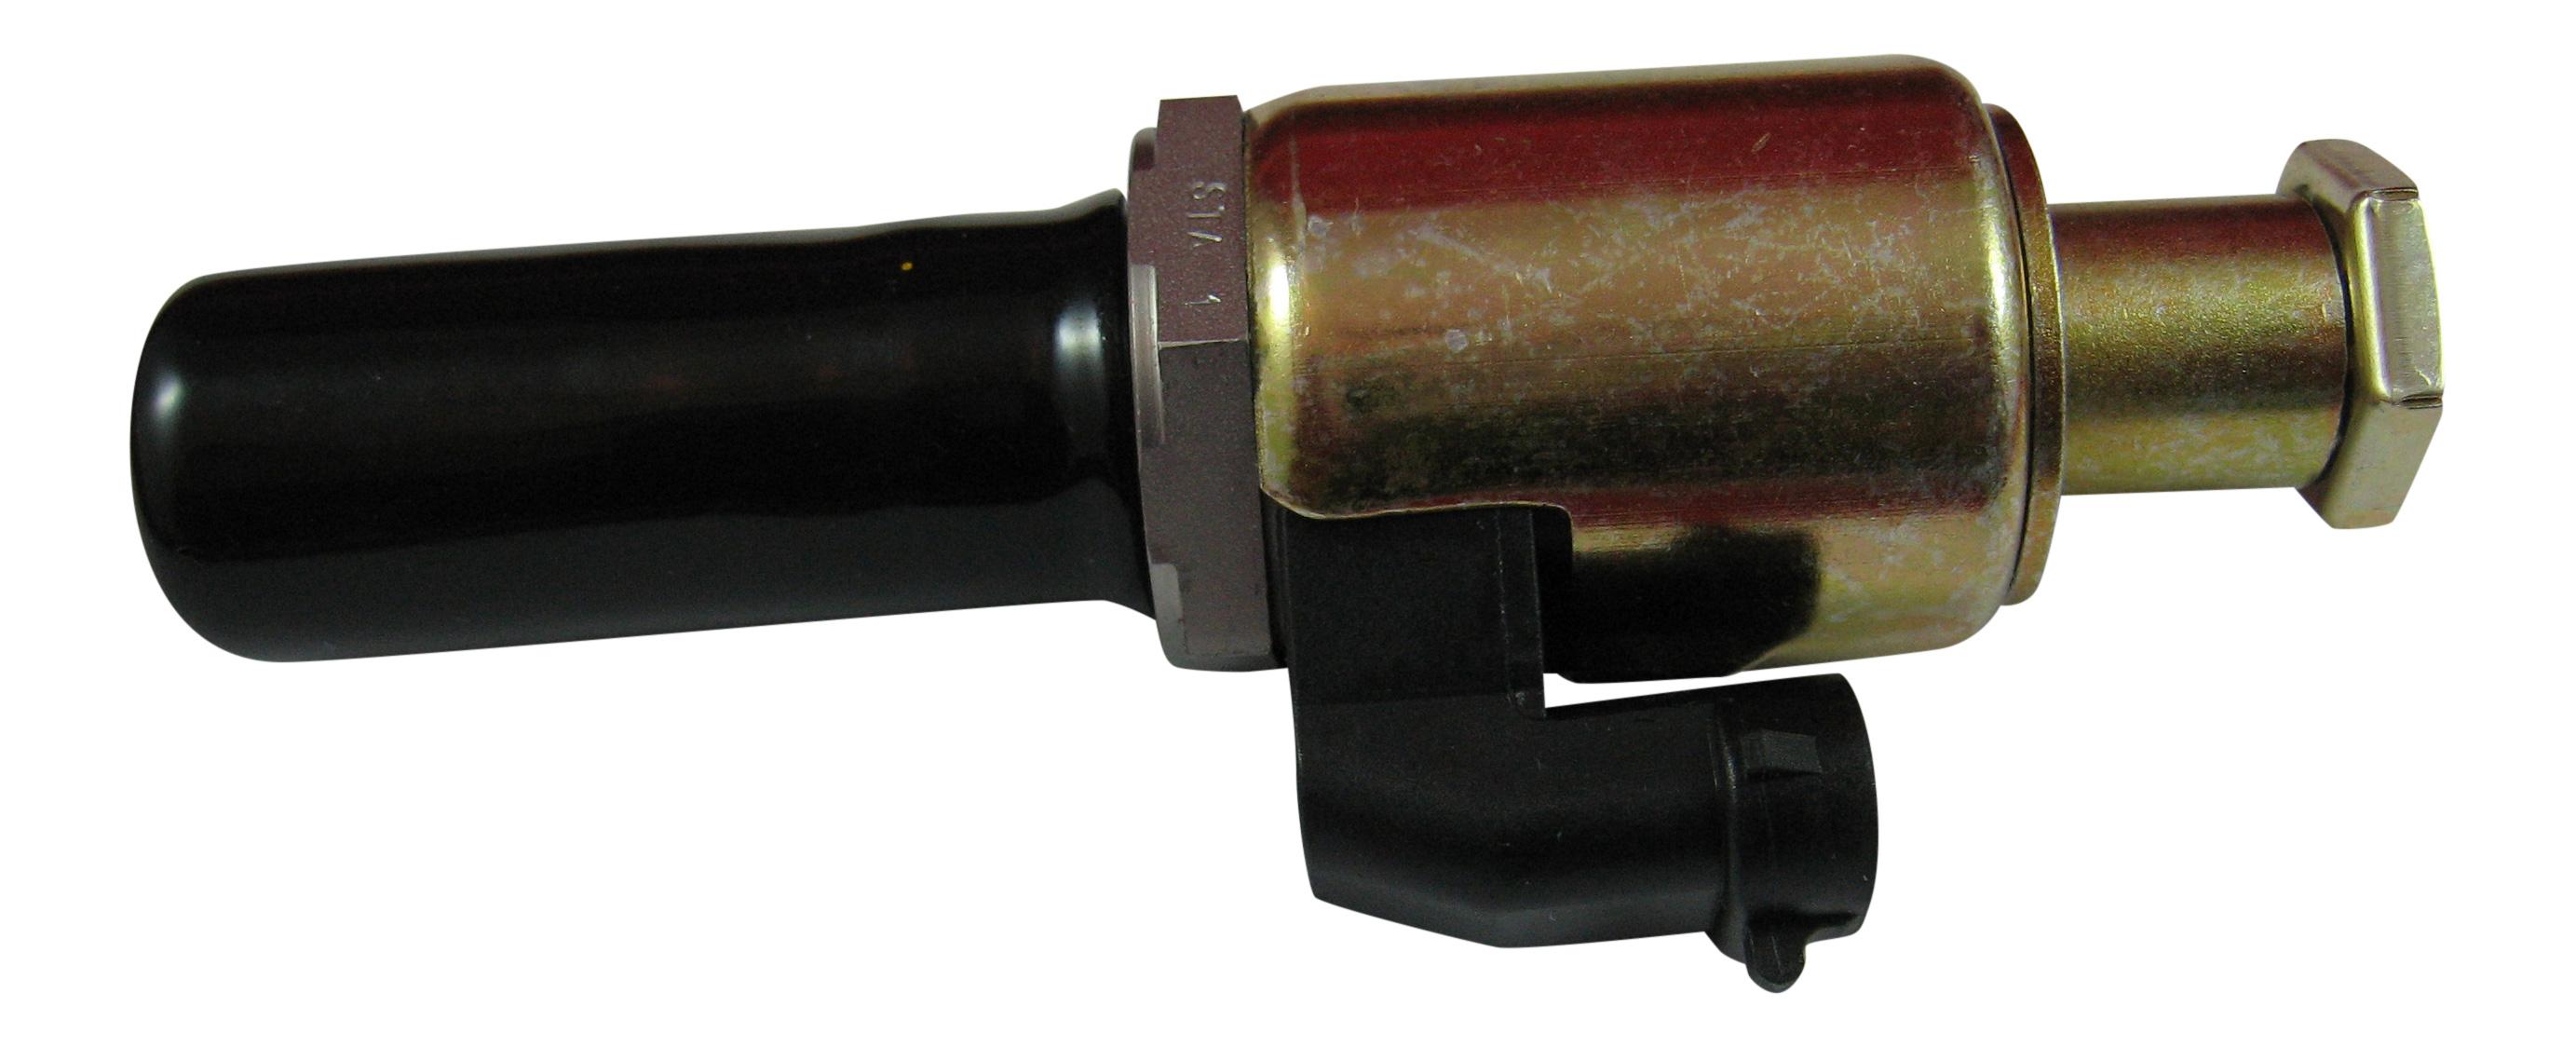 Powerstroke for Navistar International DT466e 1841217C91 Pressure Regulator New